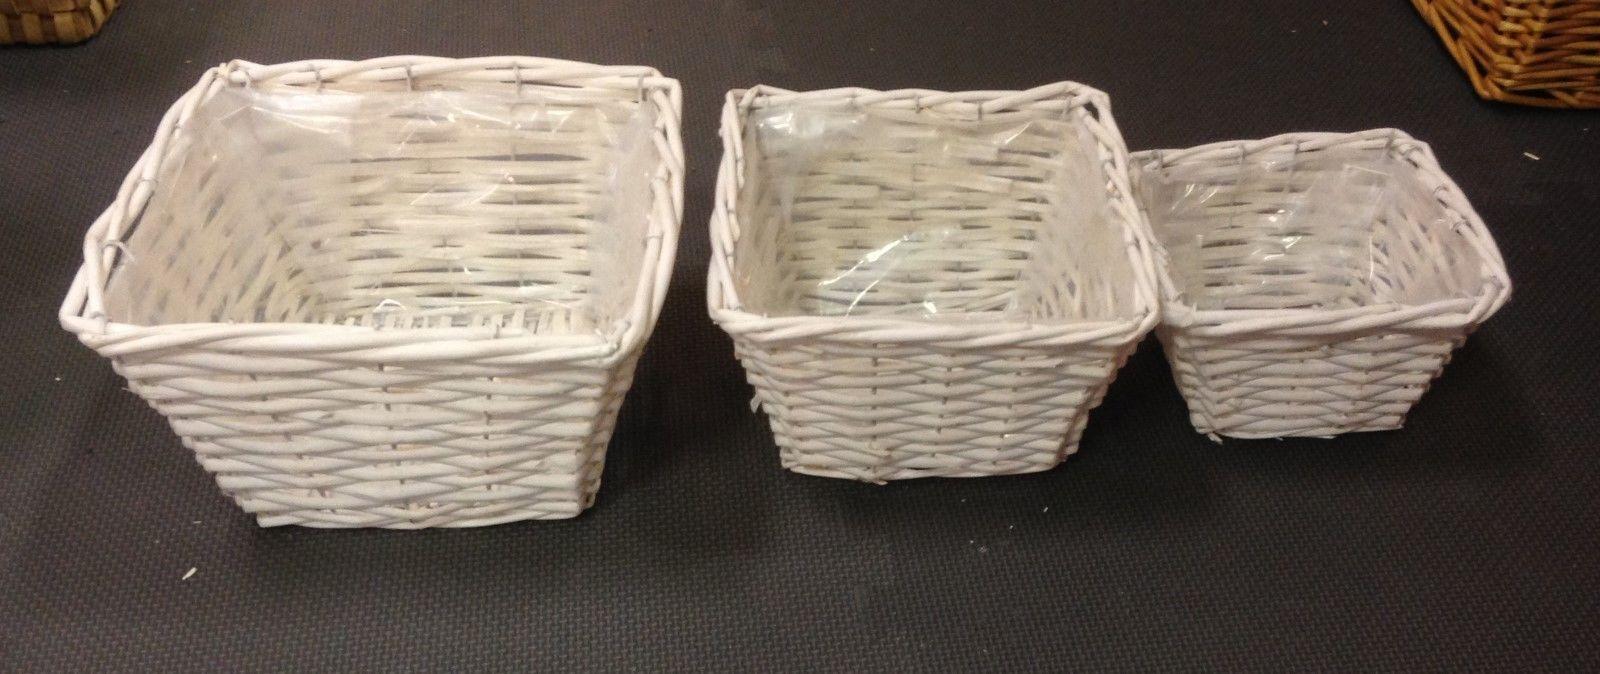 Wicker Basket Planter Basket Gift Basket with liner Large